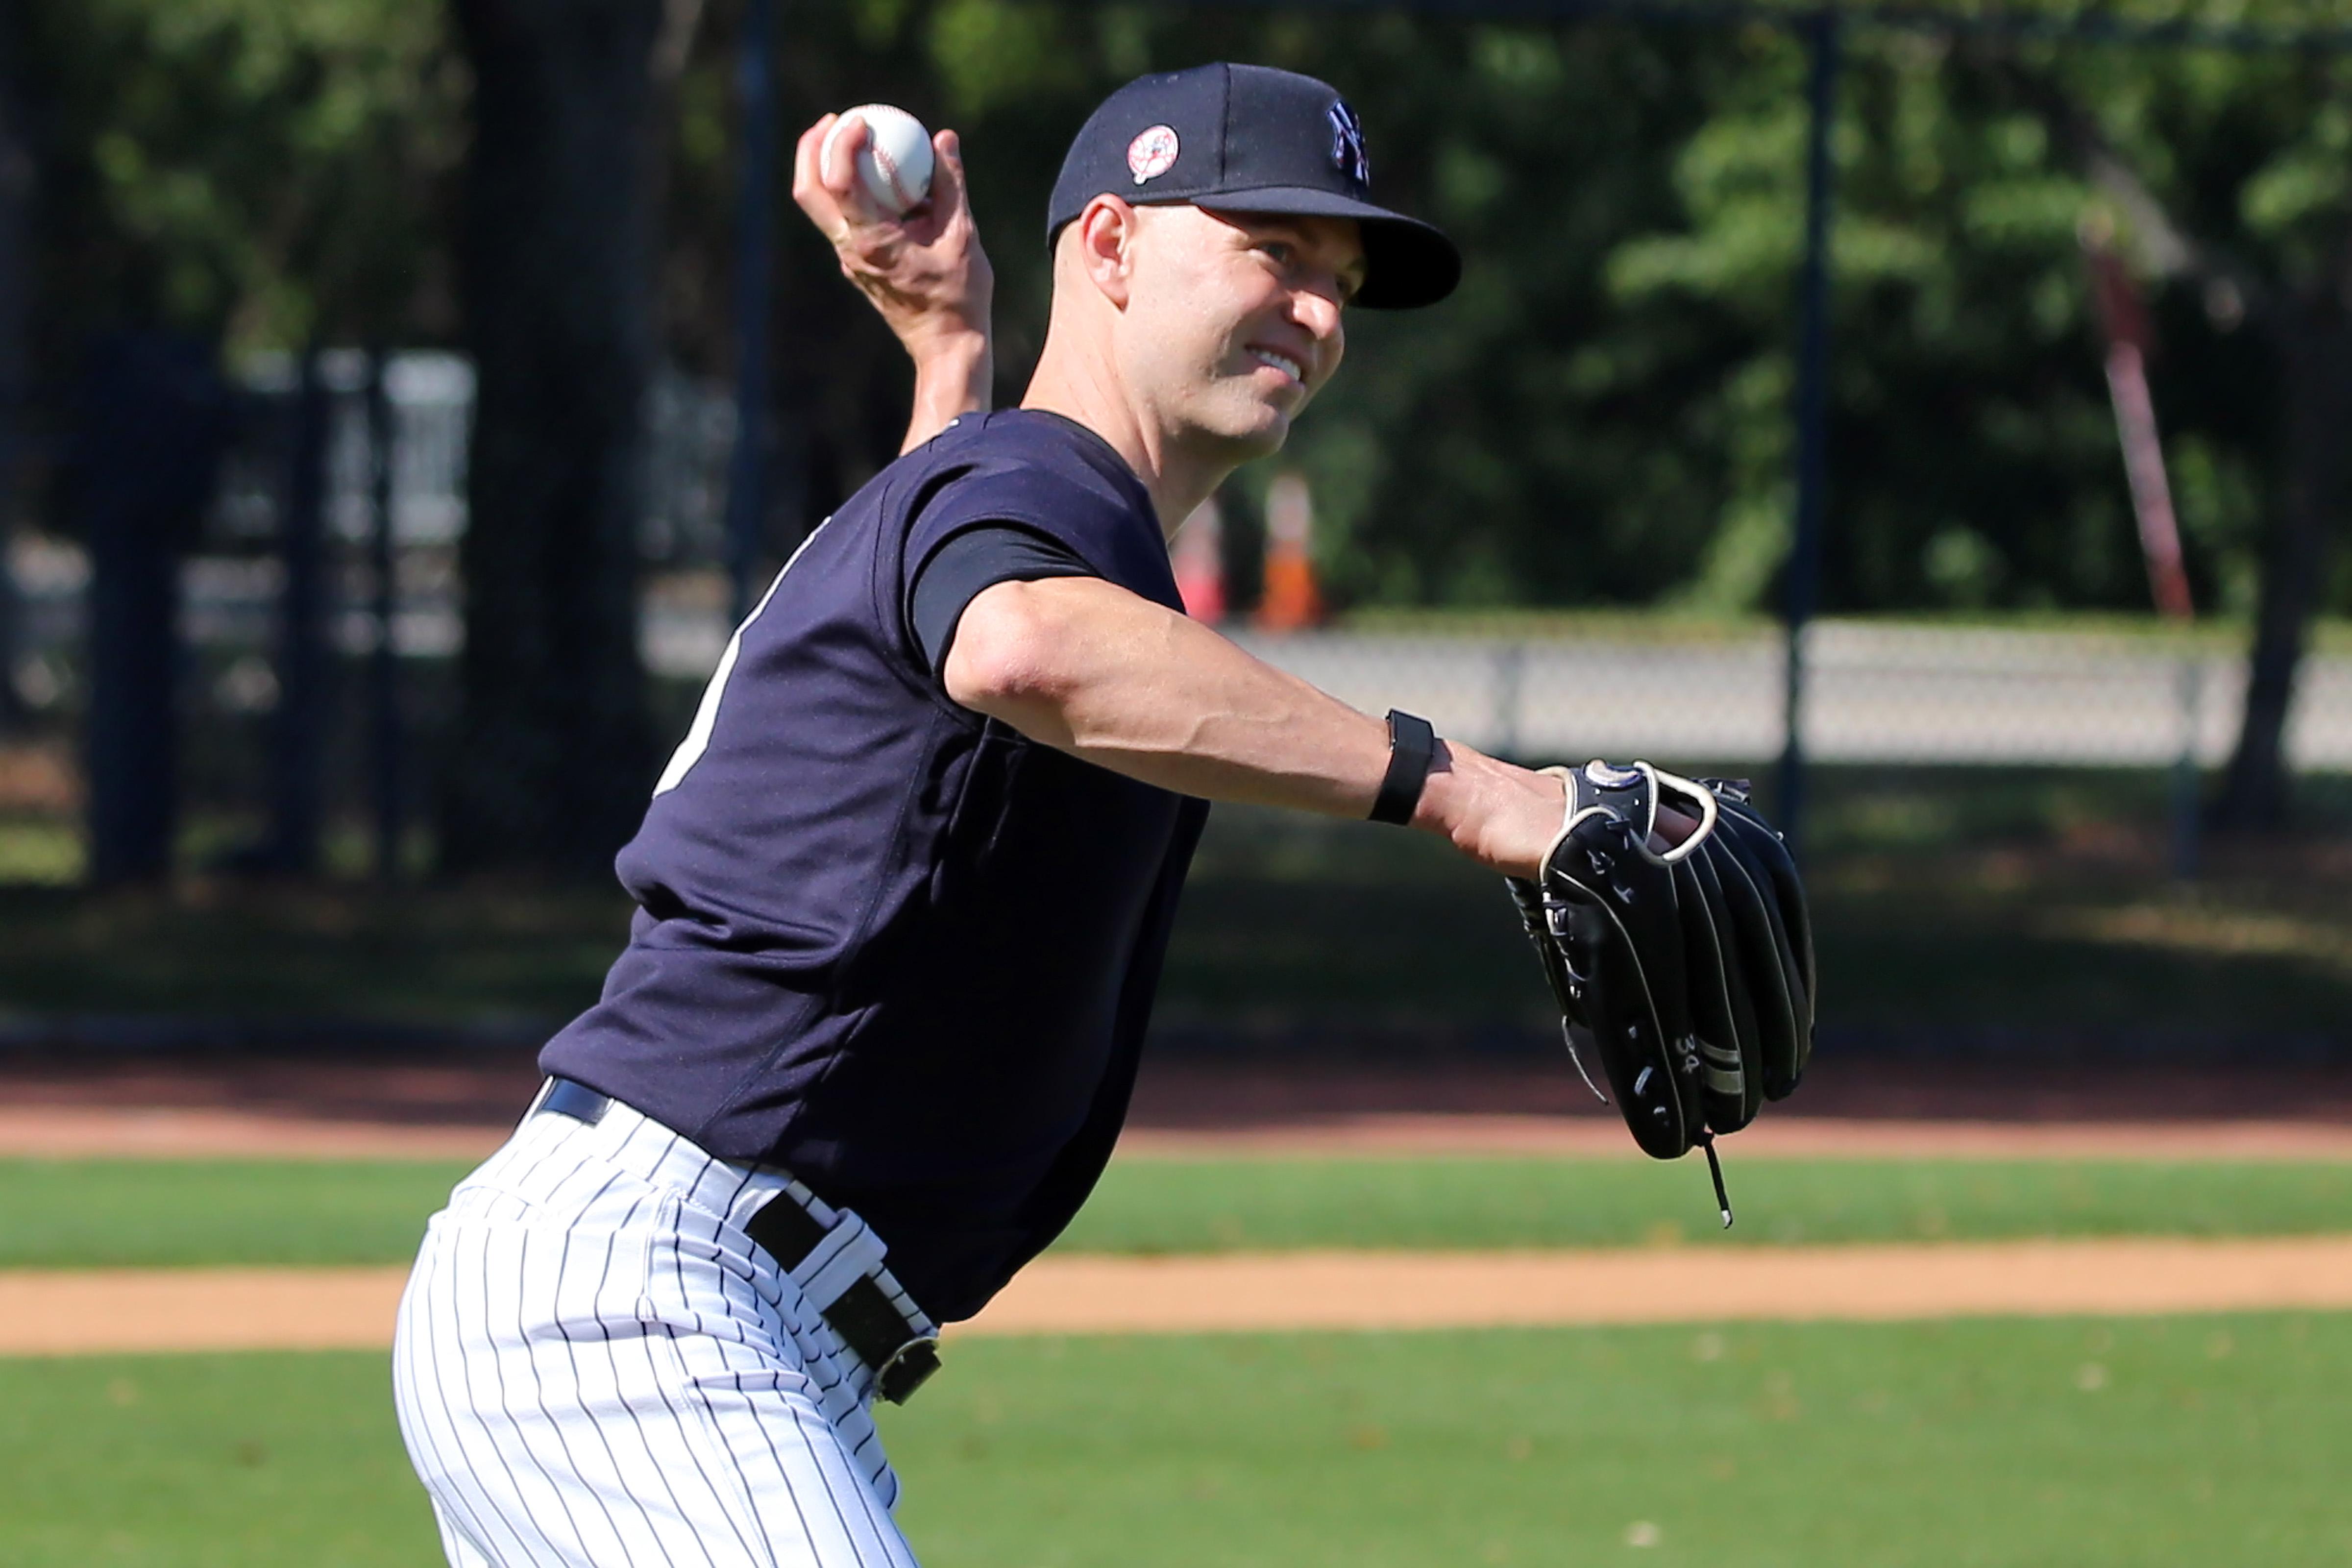 MLB: FEB 15 Spring Training - Yankees Workout